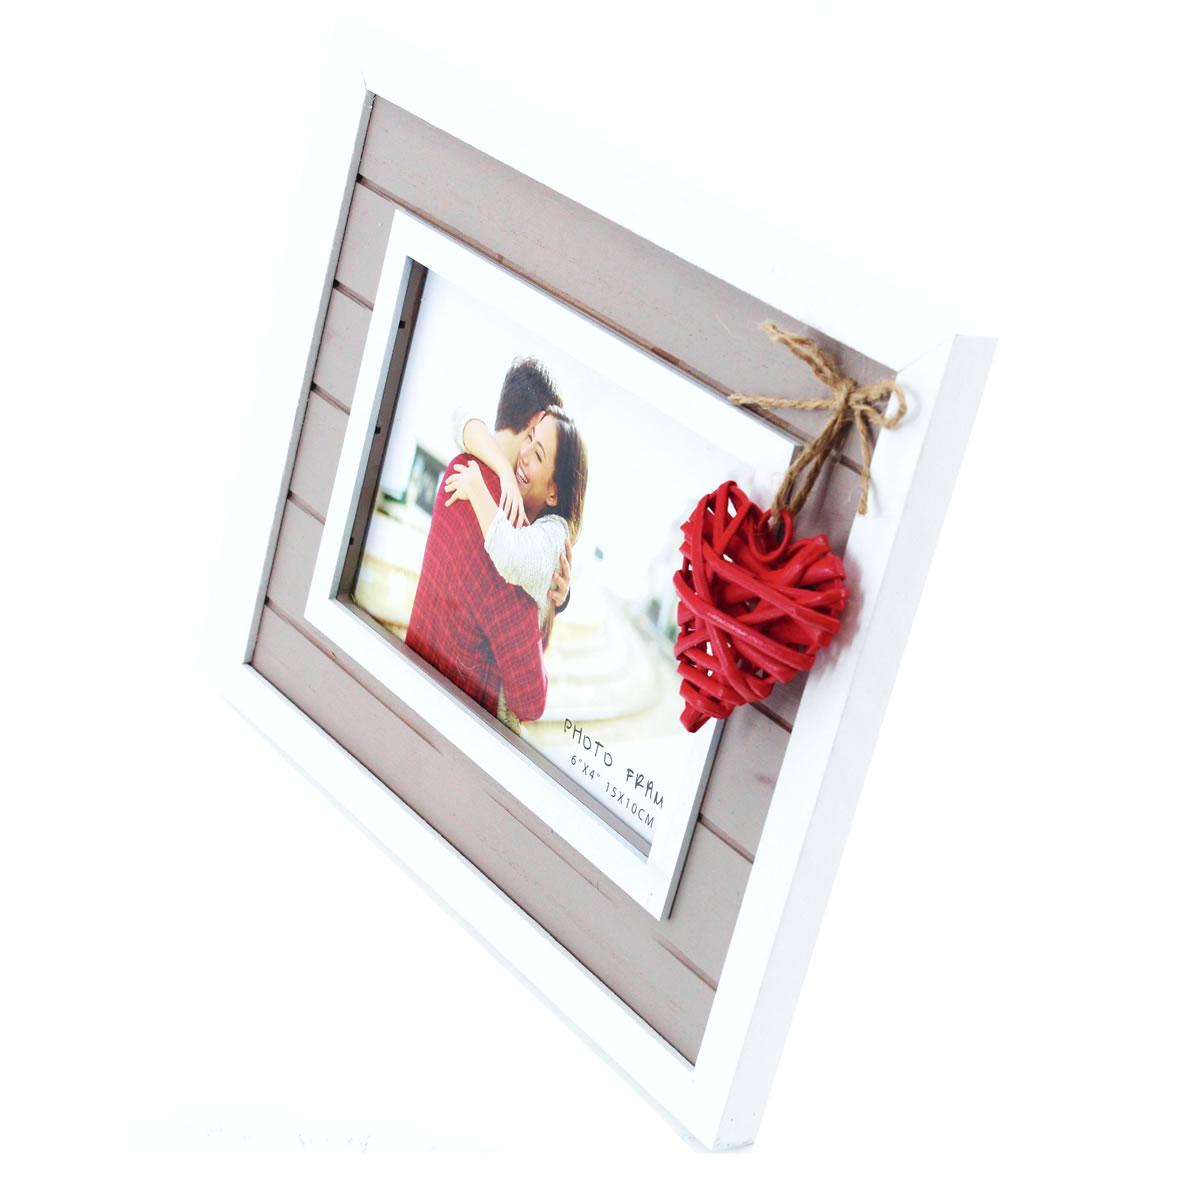 Bilderrahmen aus Holz, Rattan-Herz, Rot, Fotorahmen, Portraitrahmen ...